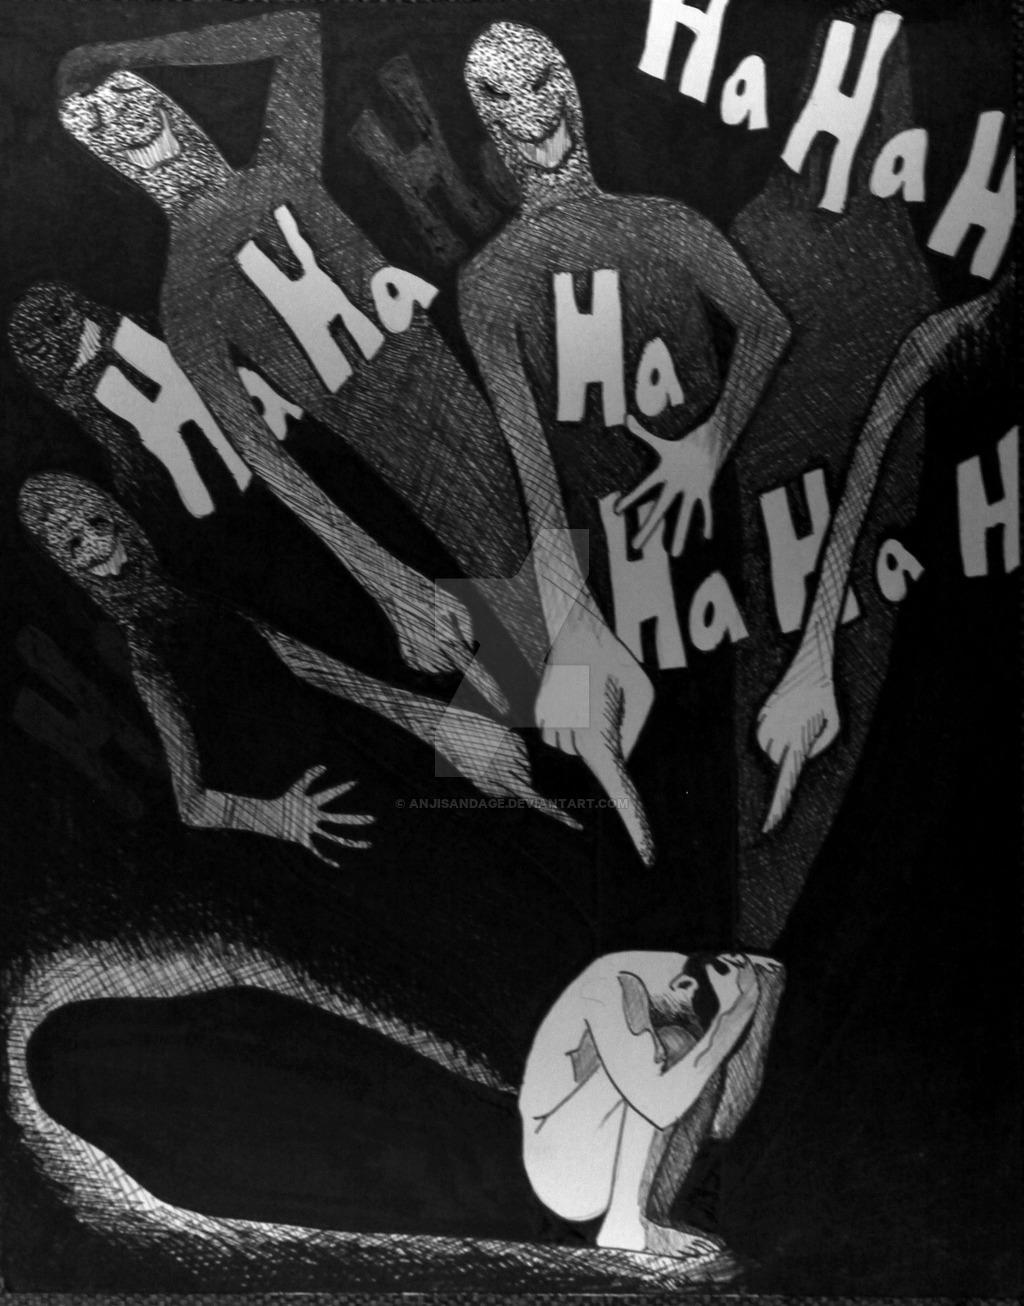 Katagelofobia